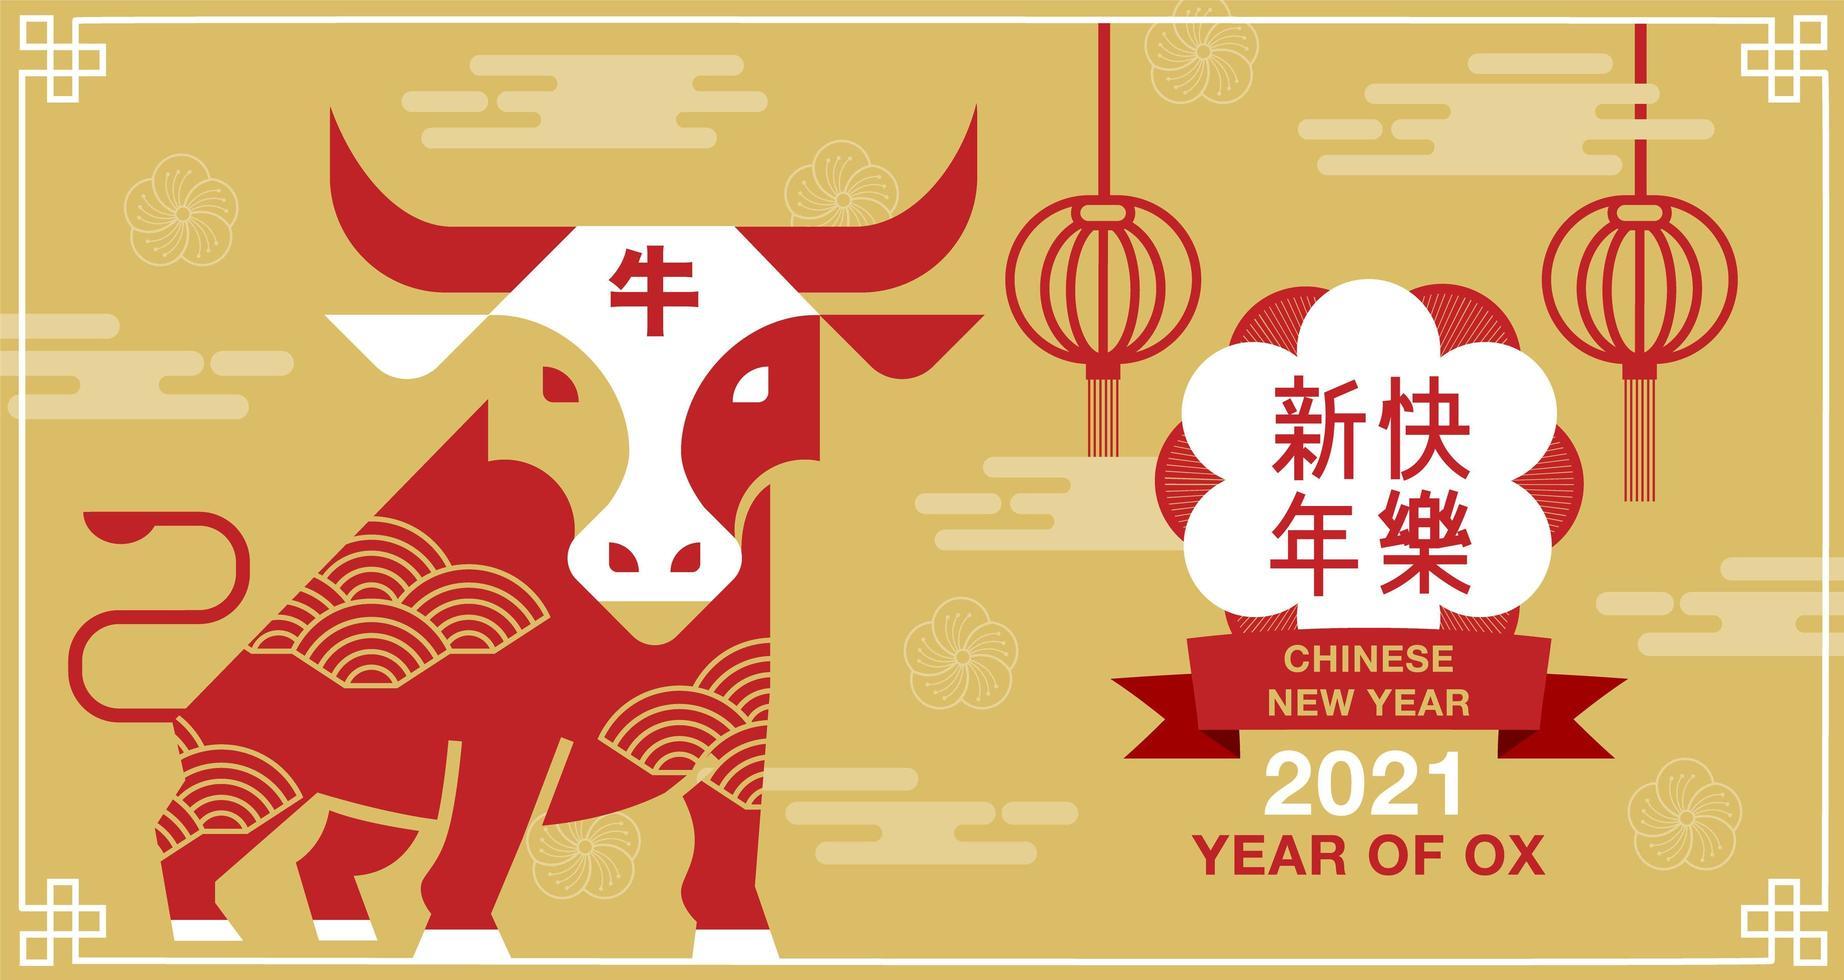 guld kinesiska nyåret 2021 banner med röd ox vektor